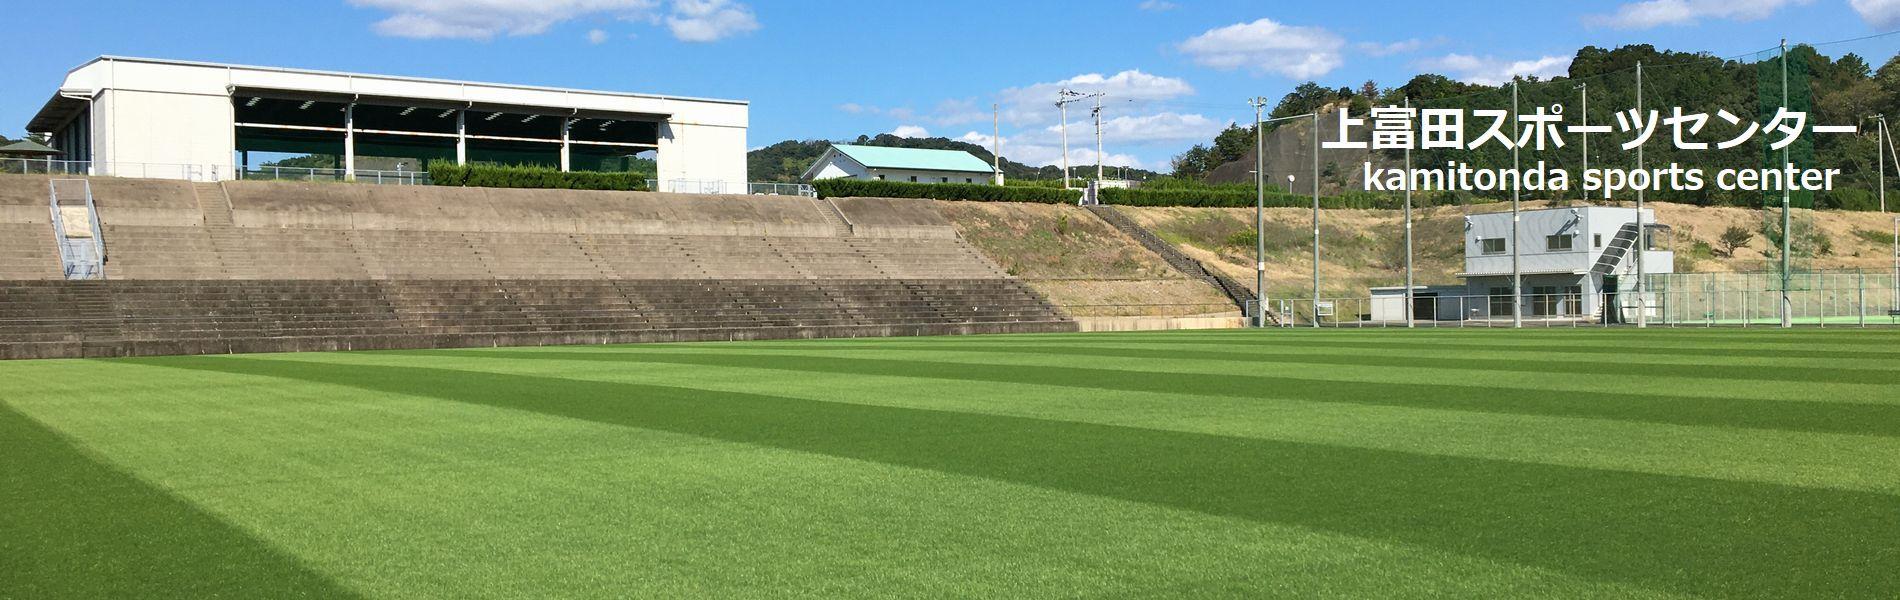 上富田スポーツセンター